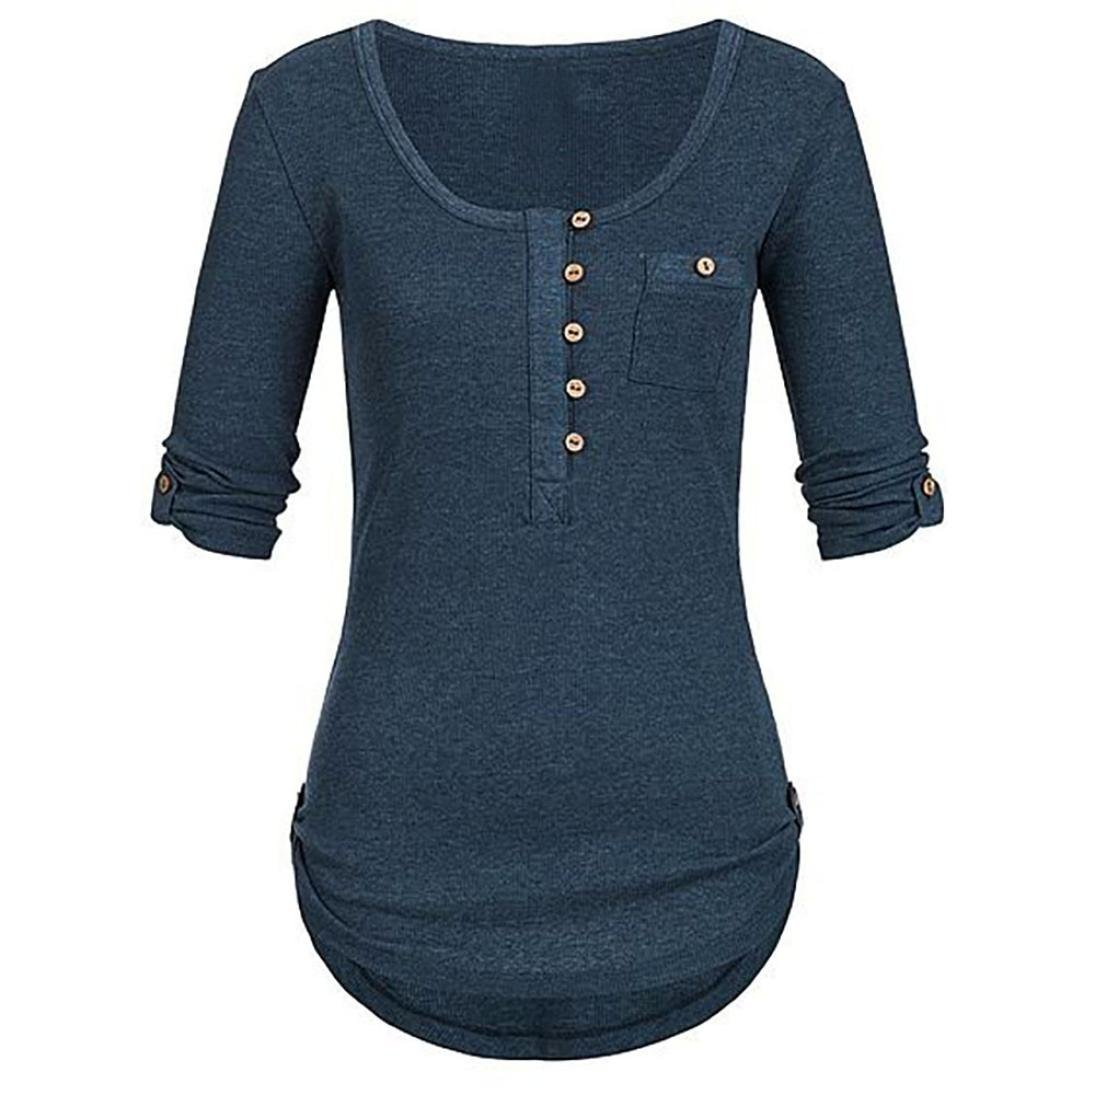 Yvelands Frauen Damen Solide Langarm Knopf Bluse Pullover Tops Shirt Mit Taschen